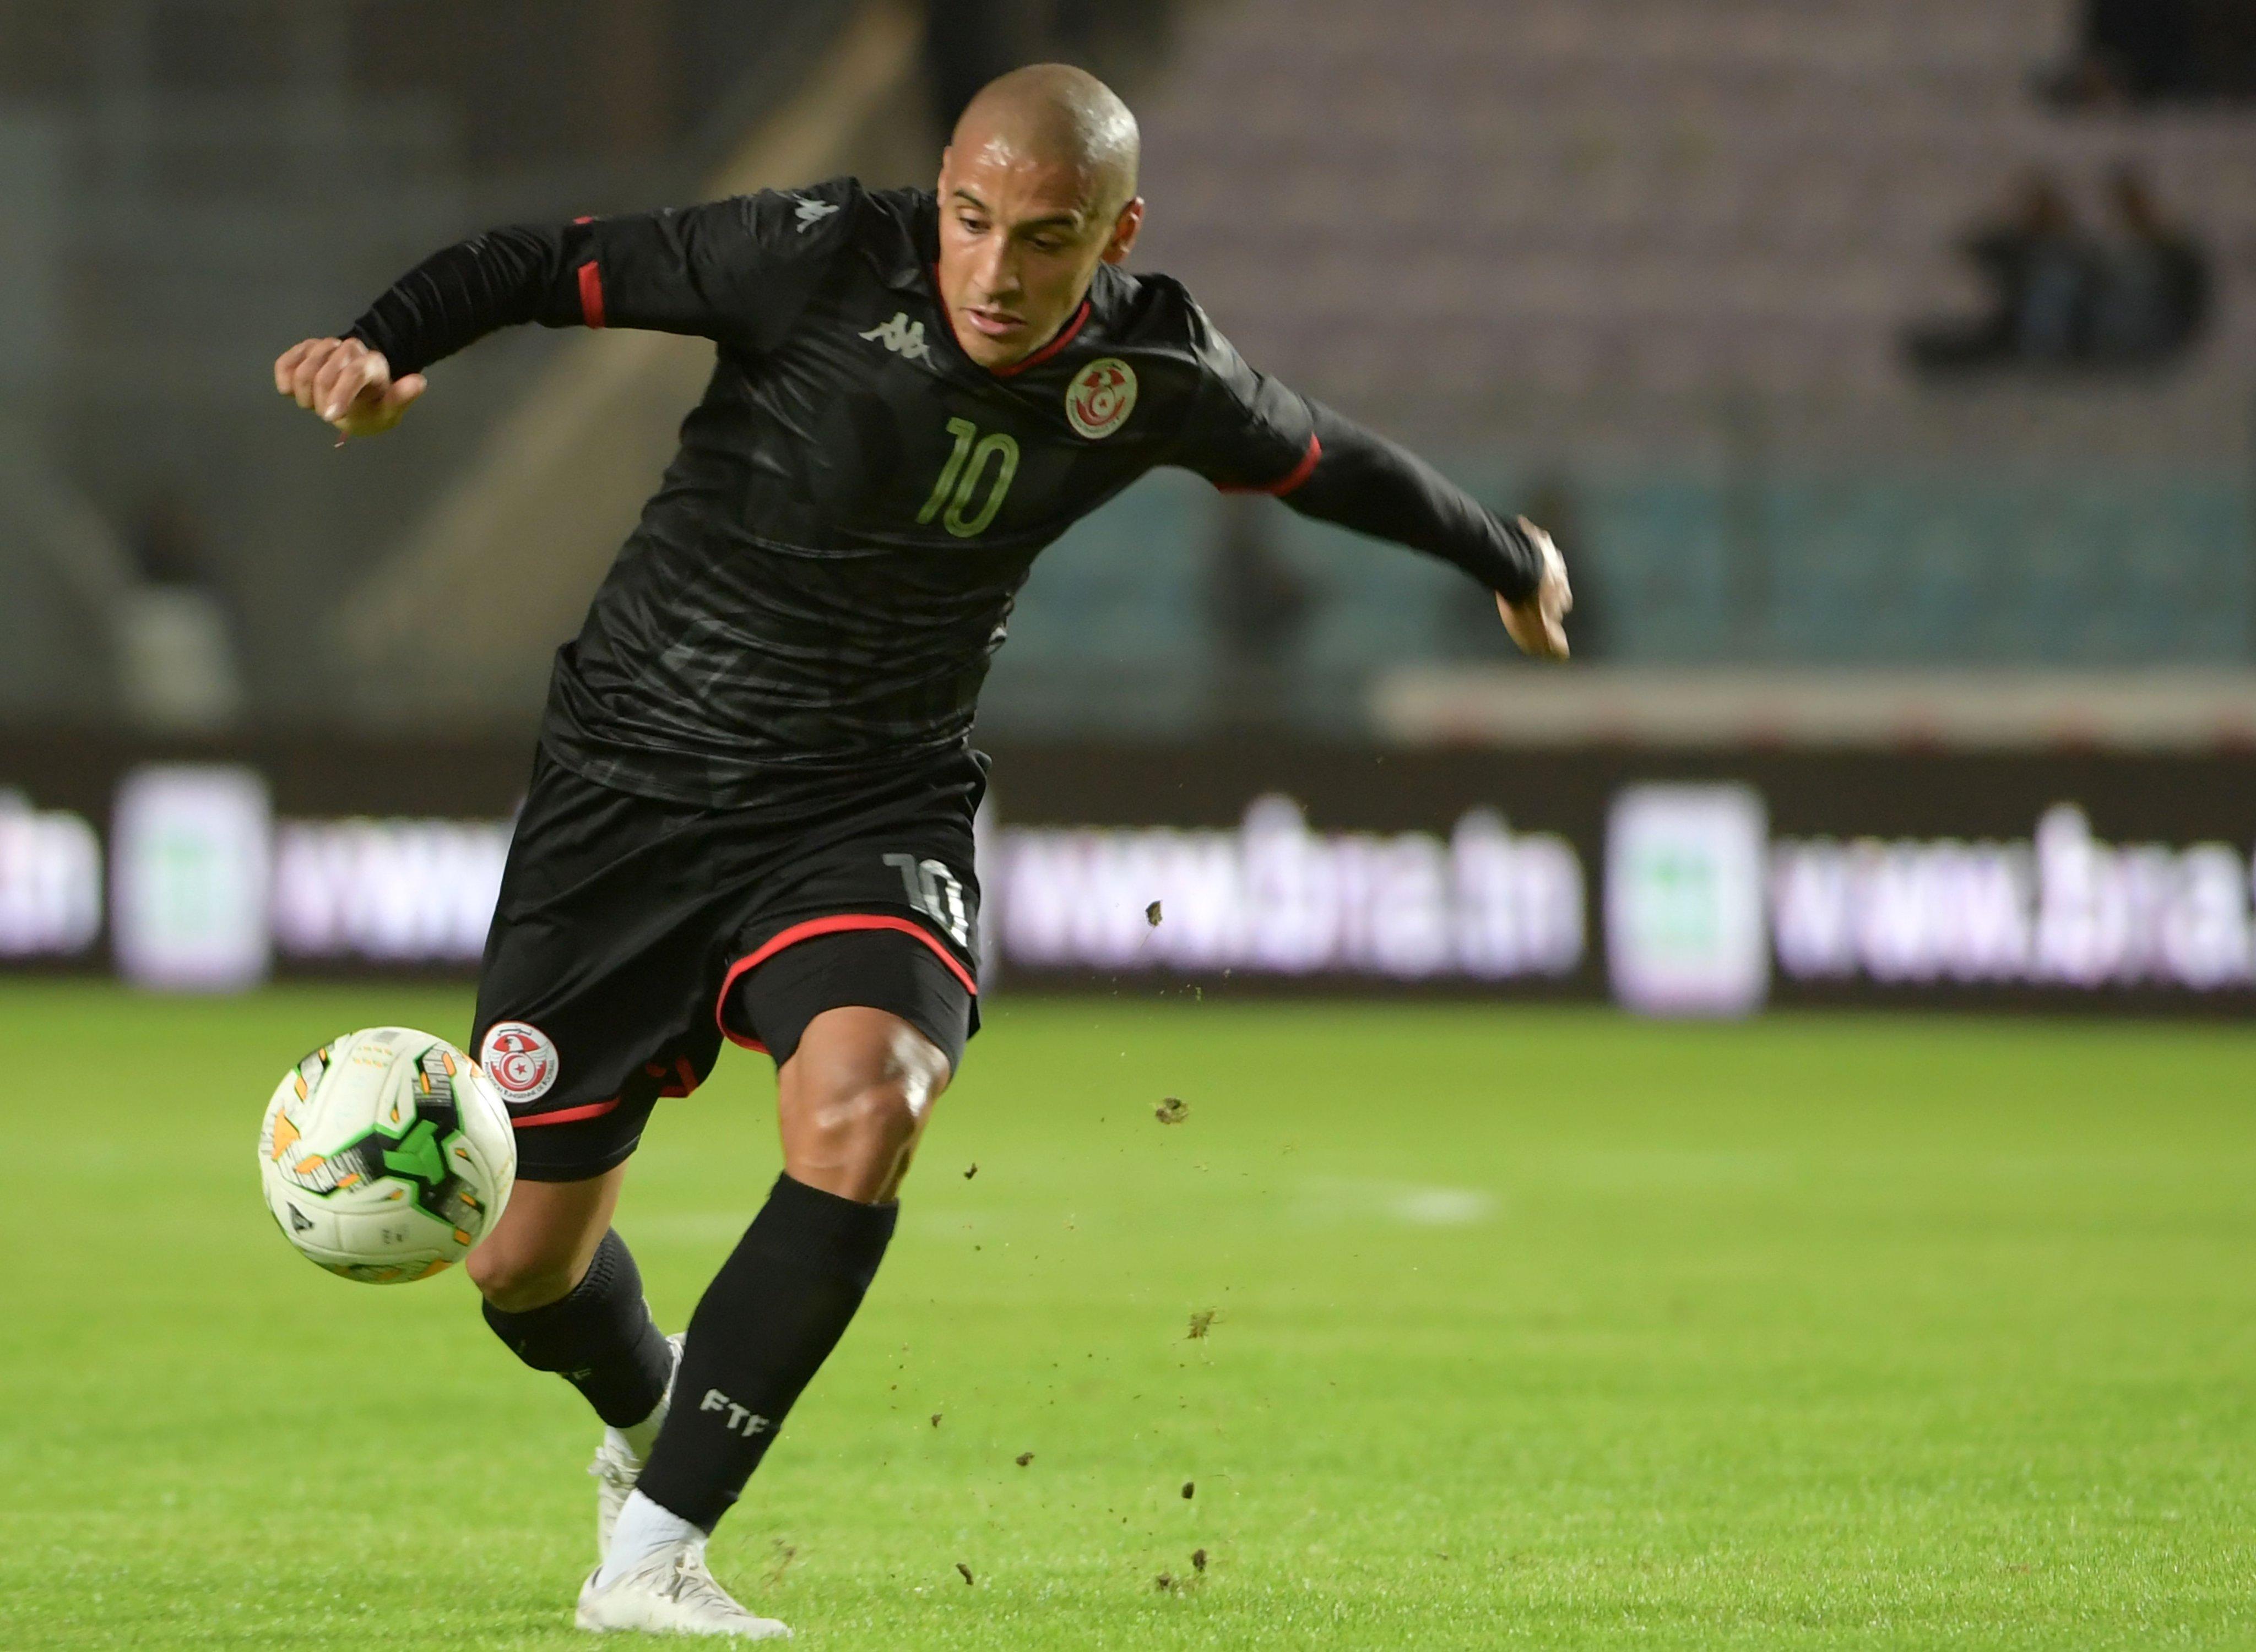 تونس تفوز على غينيا الإستوائية في مالابو و تواصل تصدر المجموعة العاشرة